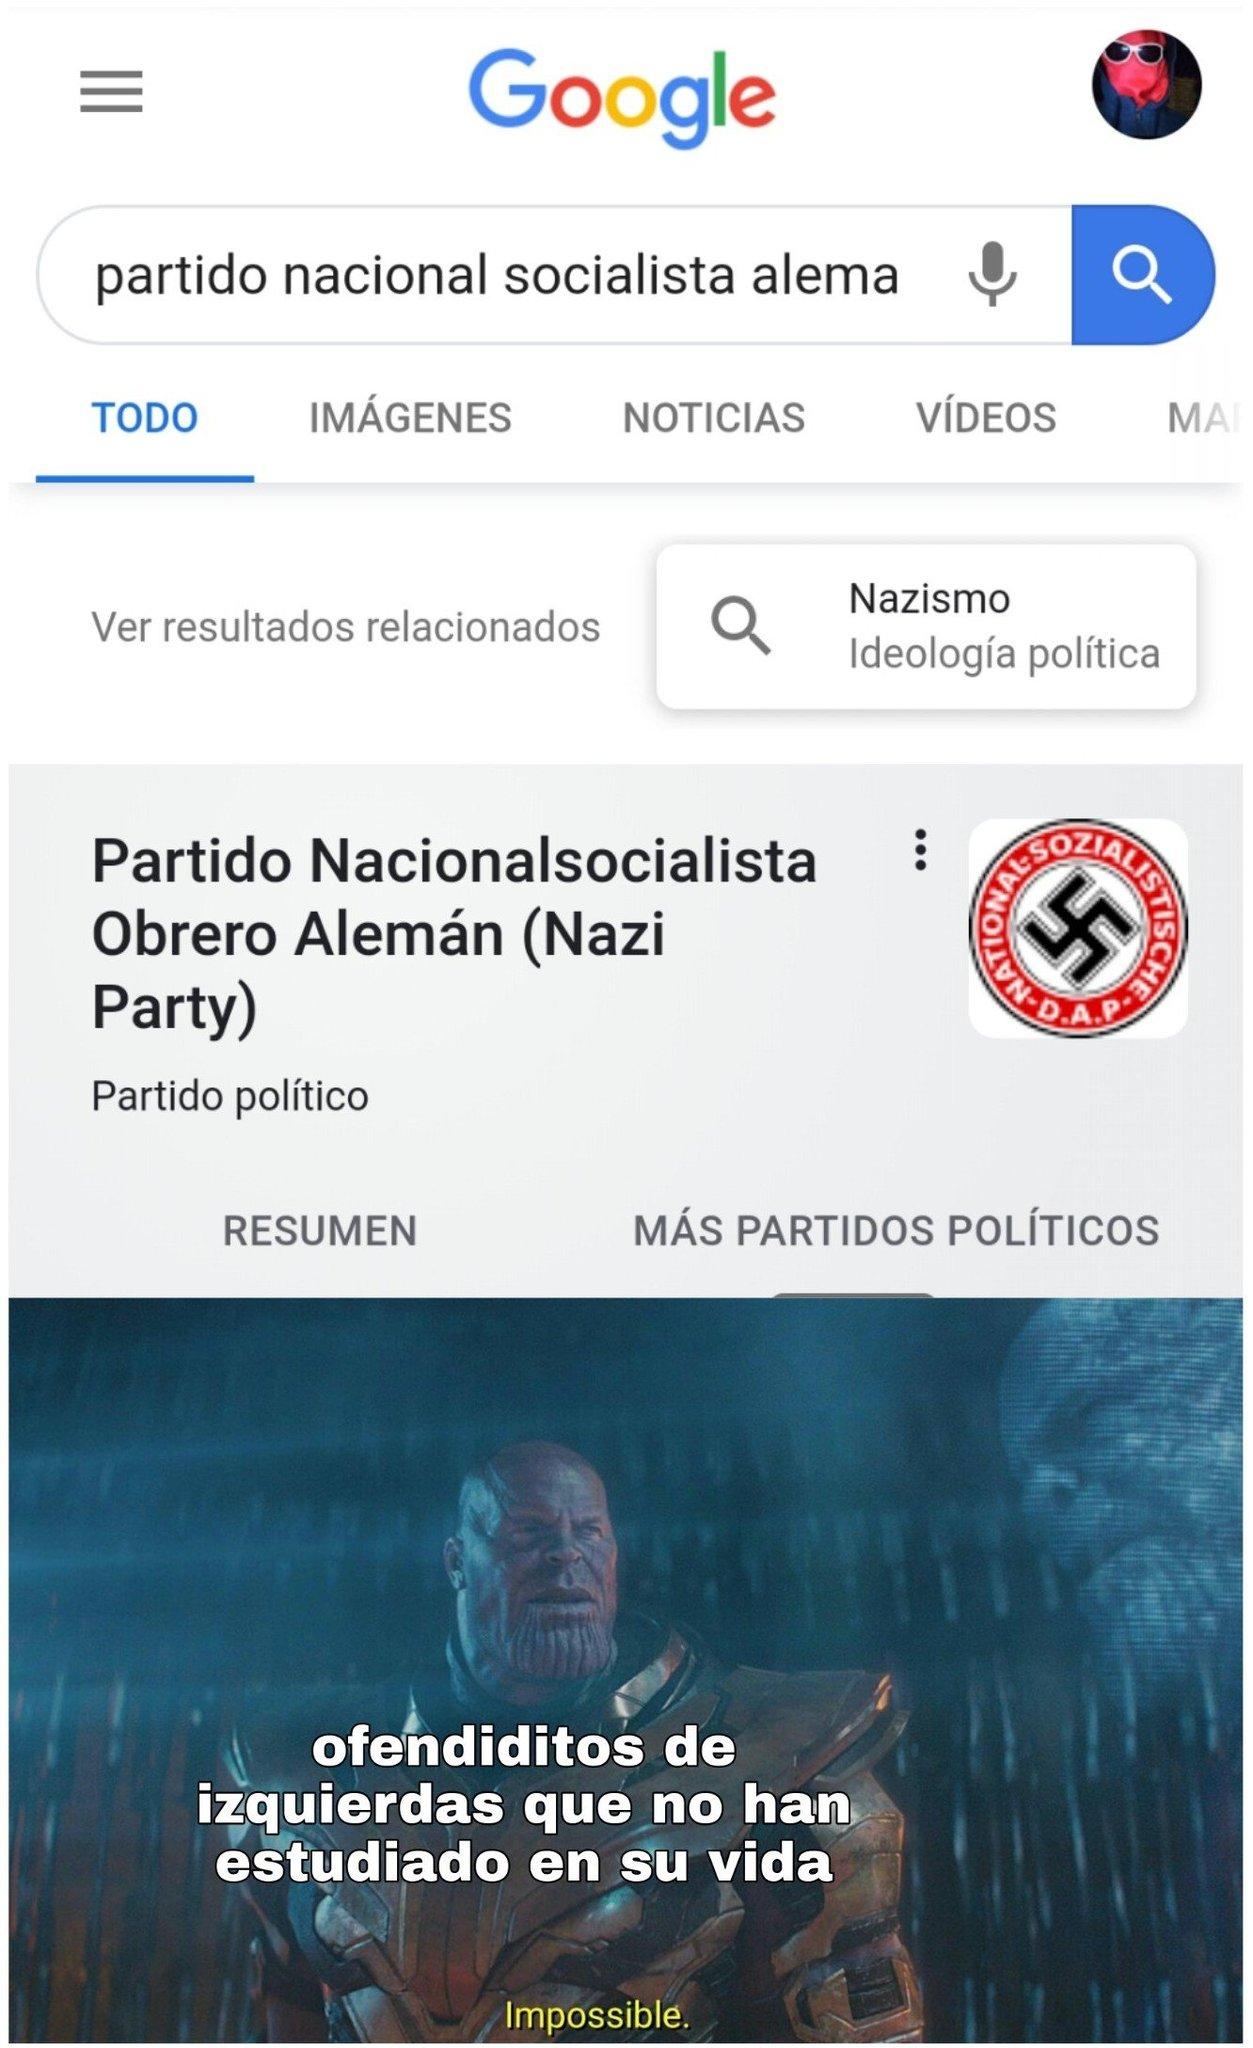 La dignidad de izquierda actual es como paraguay - meme